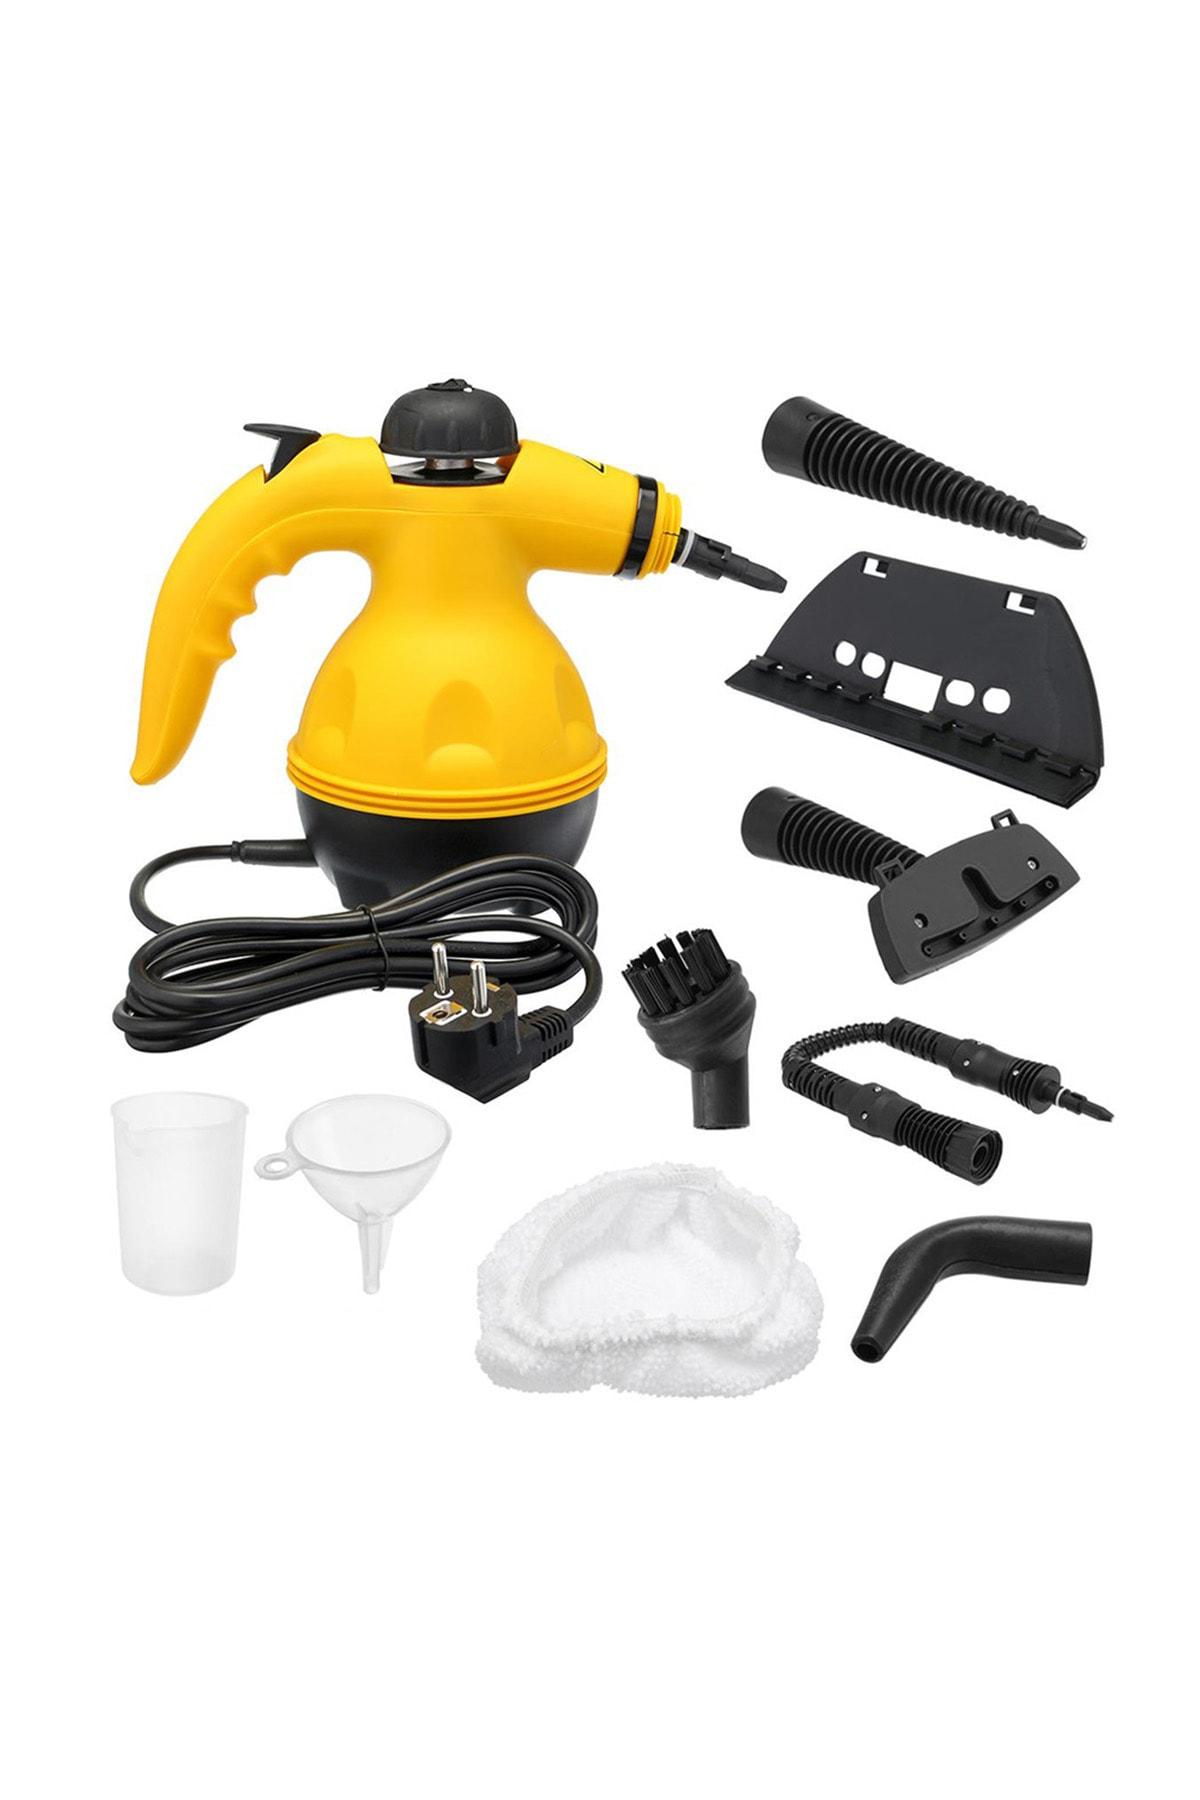 kochler K001 Hand Steam Cleaner Buharlı Temizleyici Ve Dezenfeksiyon Makinesi 1